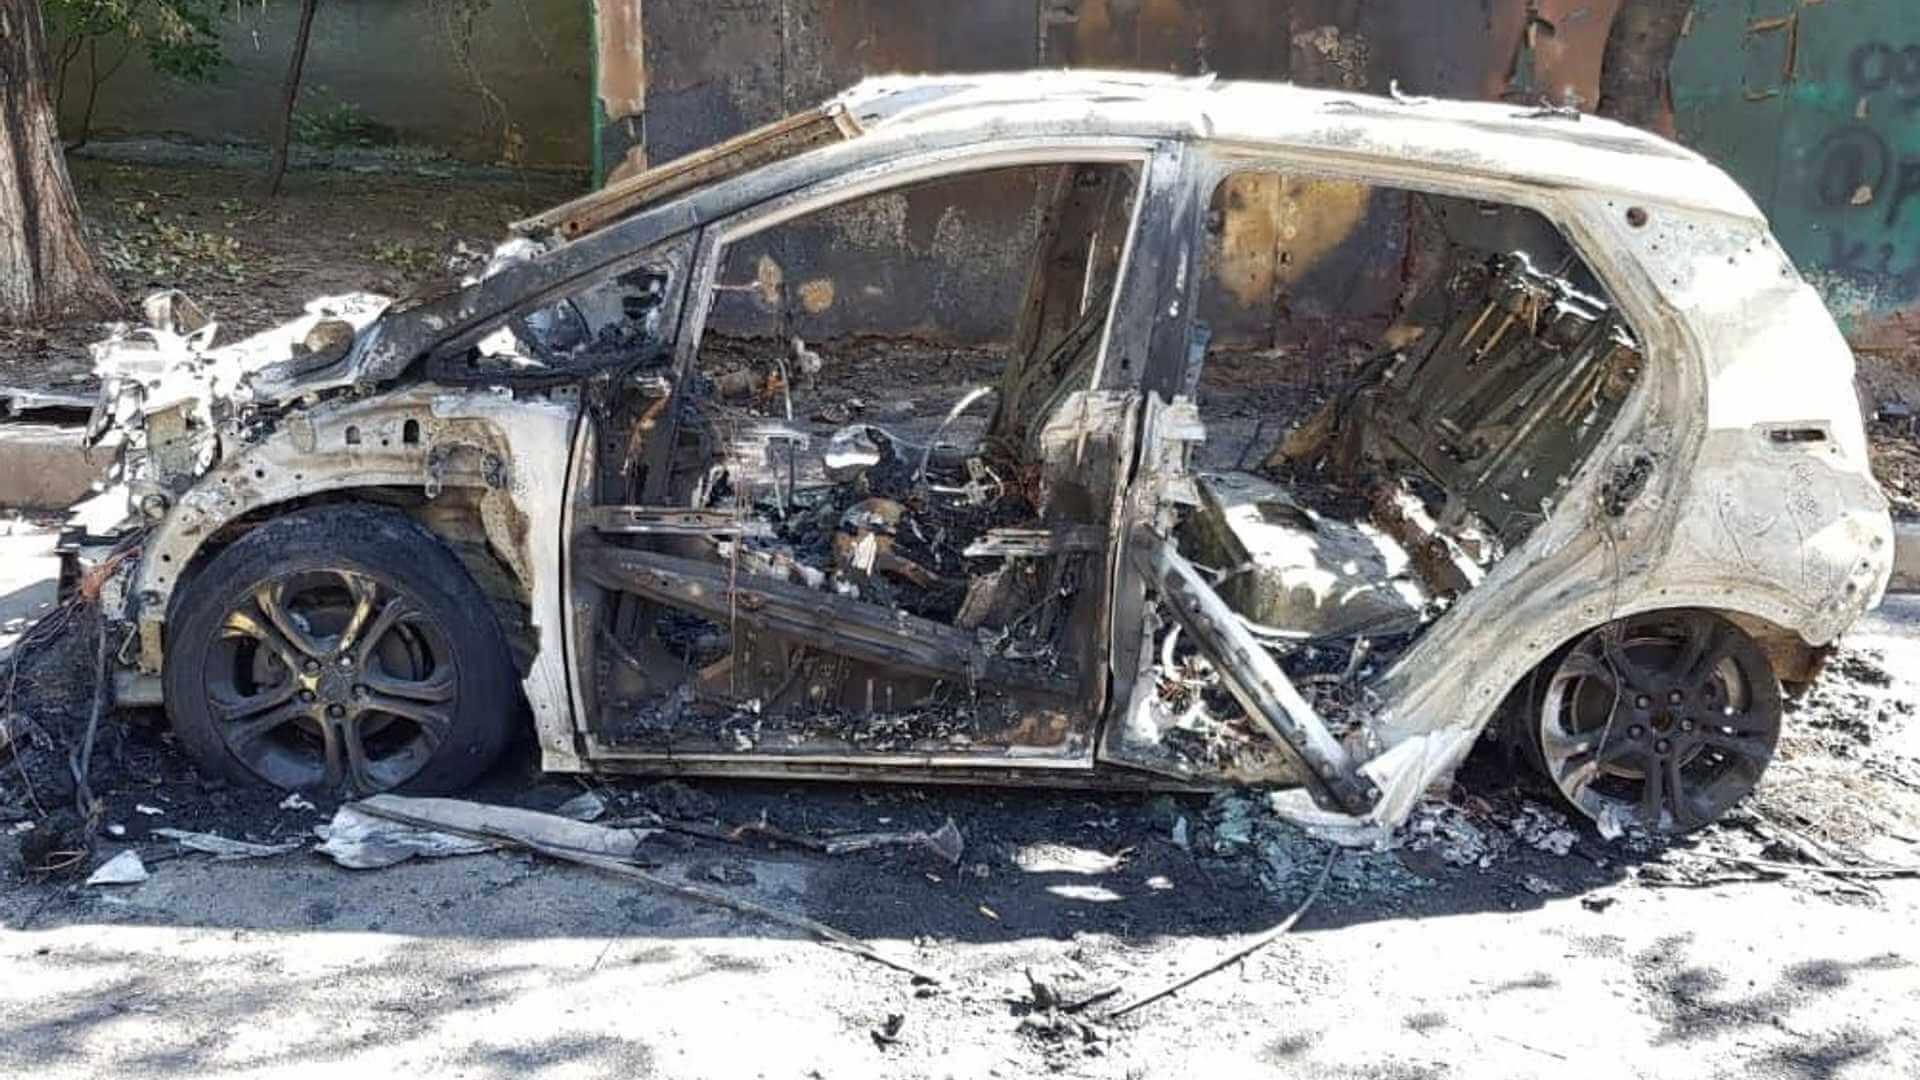 Первый случай возгорания Chevrolet Bolt зафиксирован в Киеве